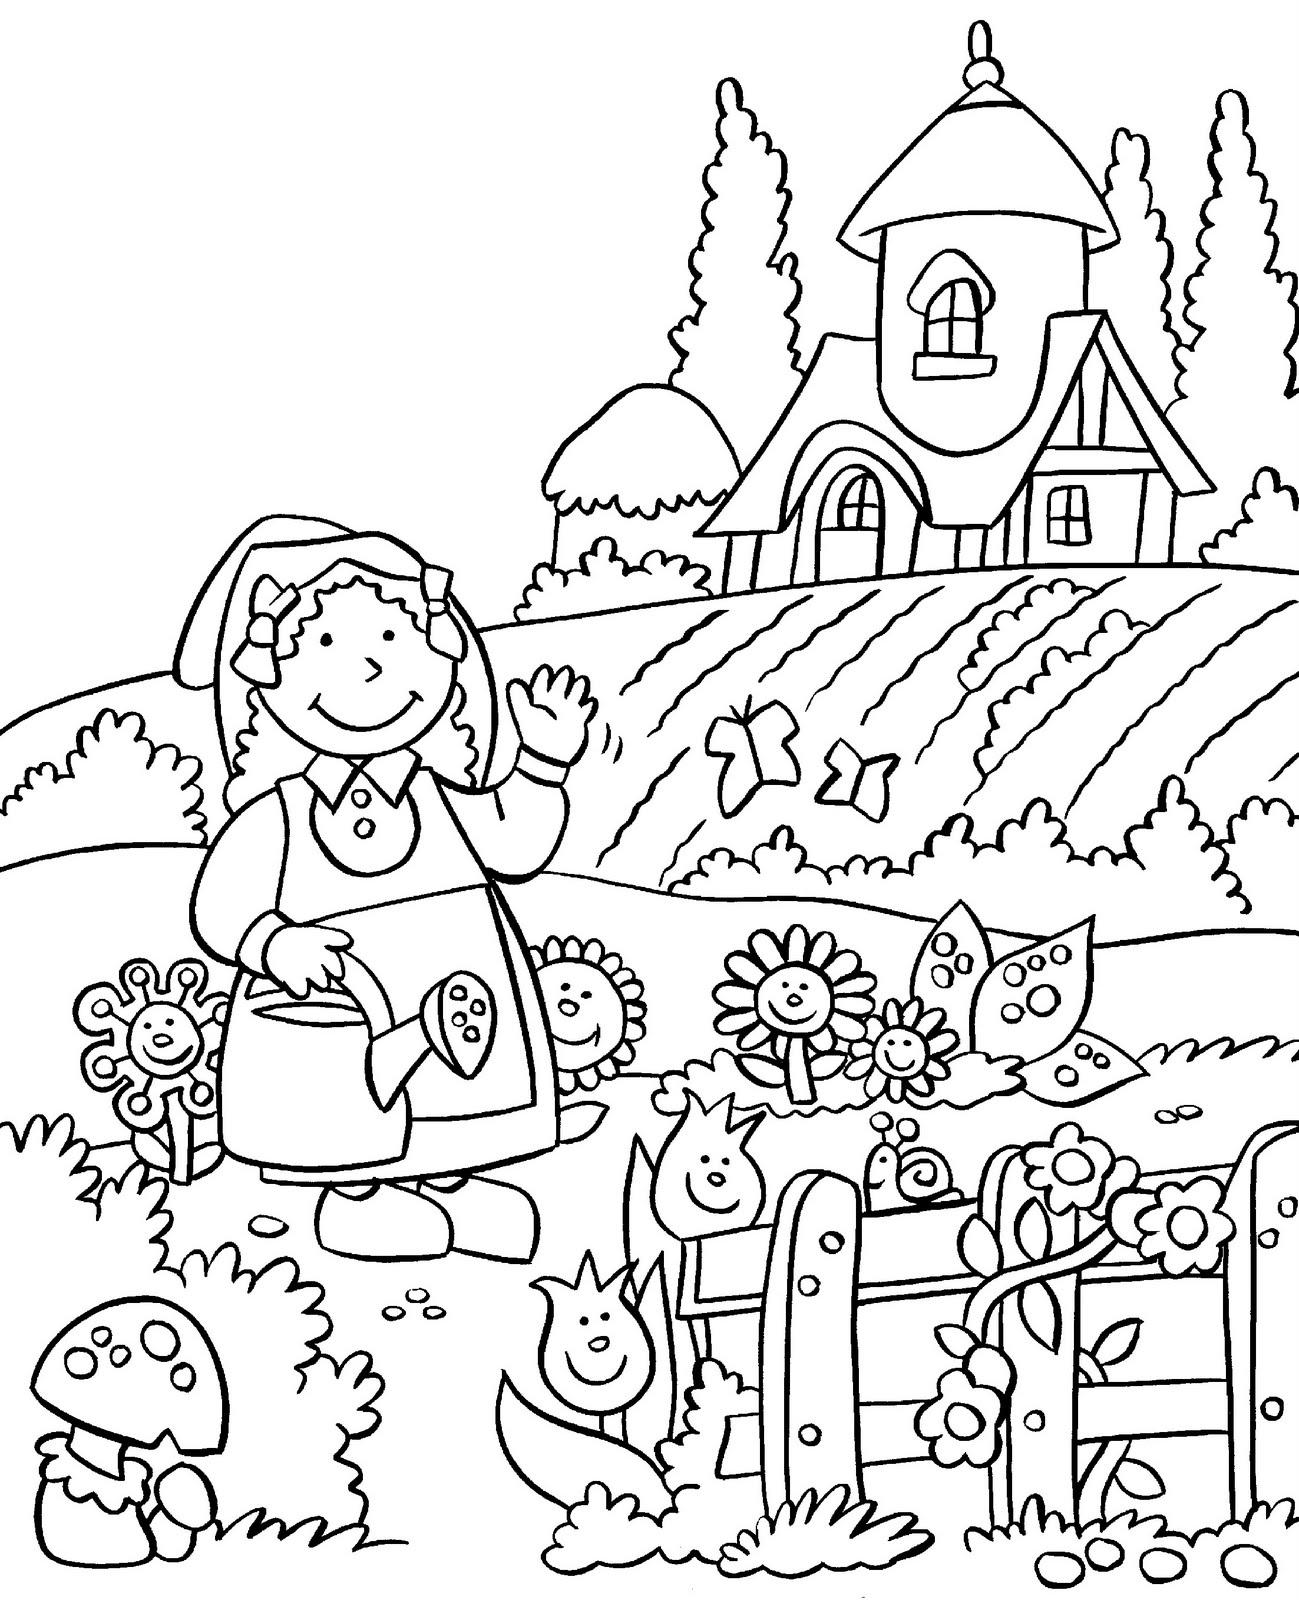 Tổng hợp các bức tranh tô màu dụng cụ nghề nông cho bé tập tô 37